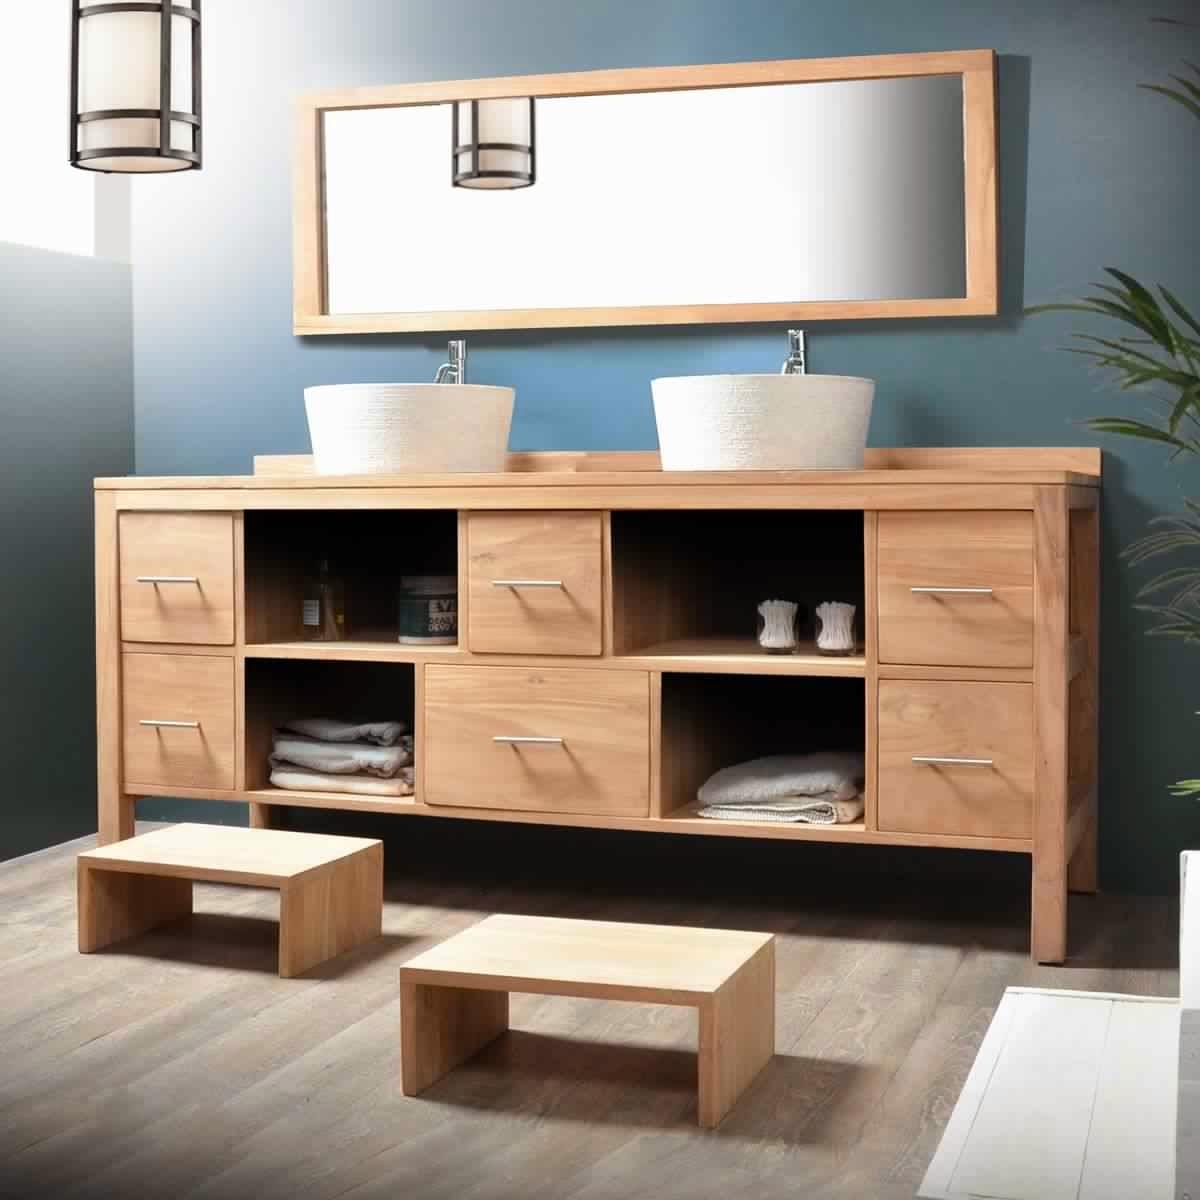 Meuble salle de bain bois 2 vasques meuble d coration maison for Meuble suspendu bois salle de bain